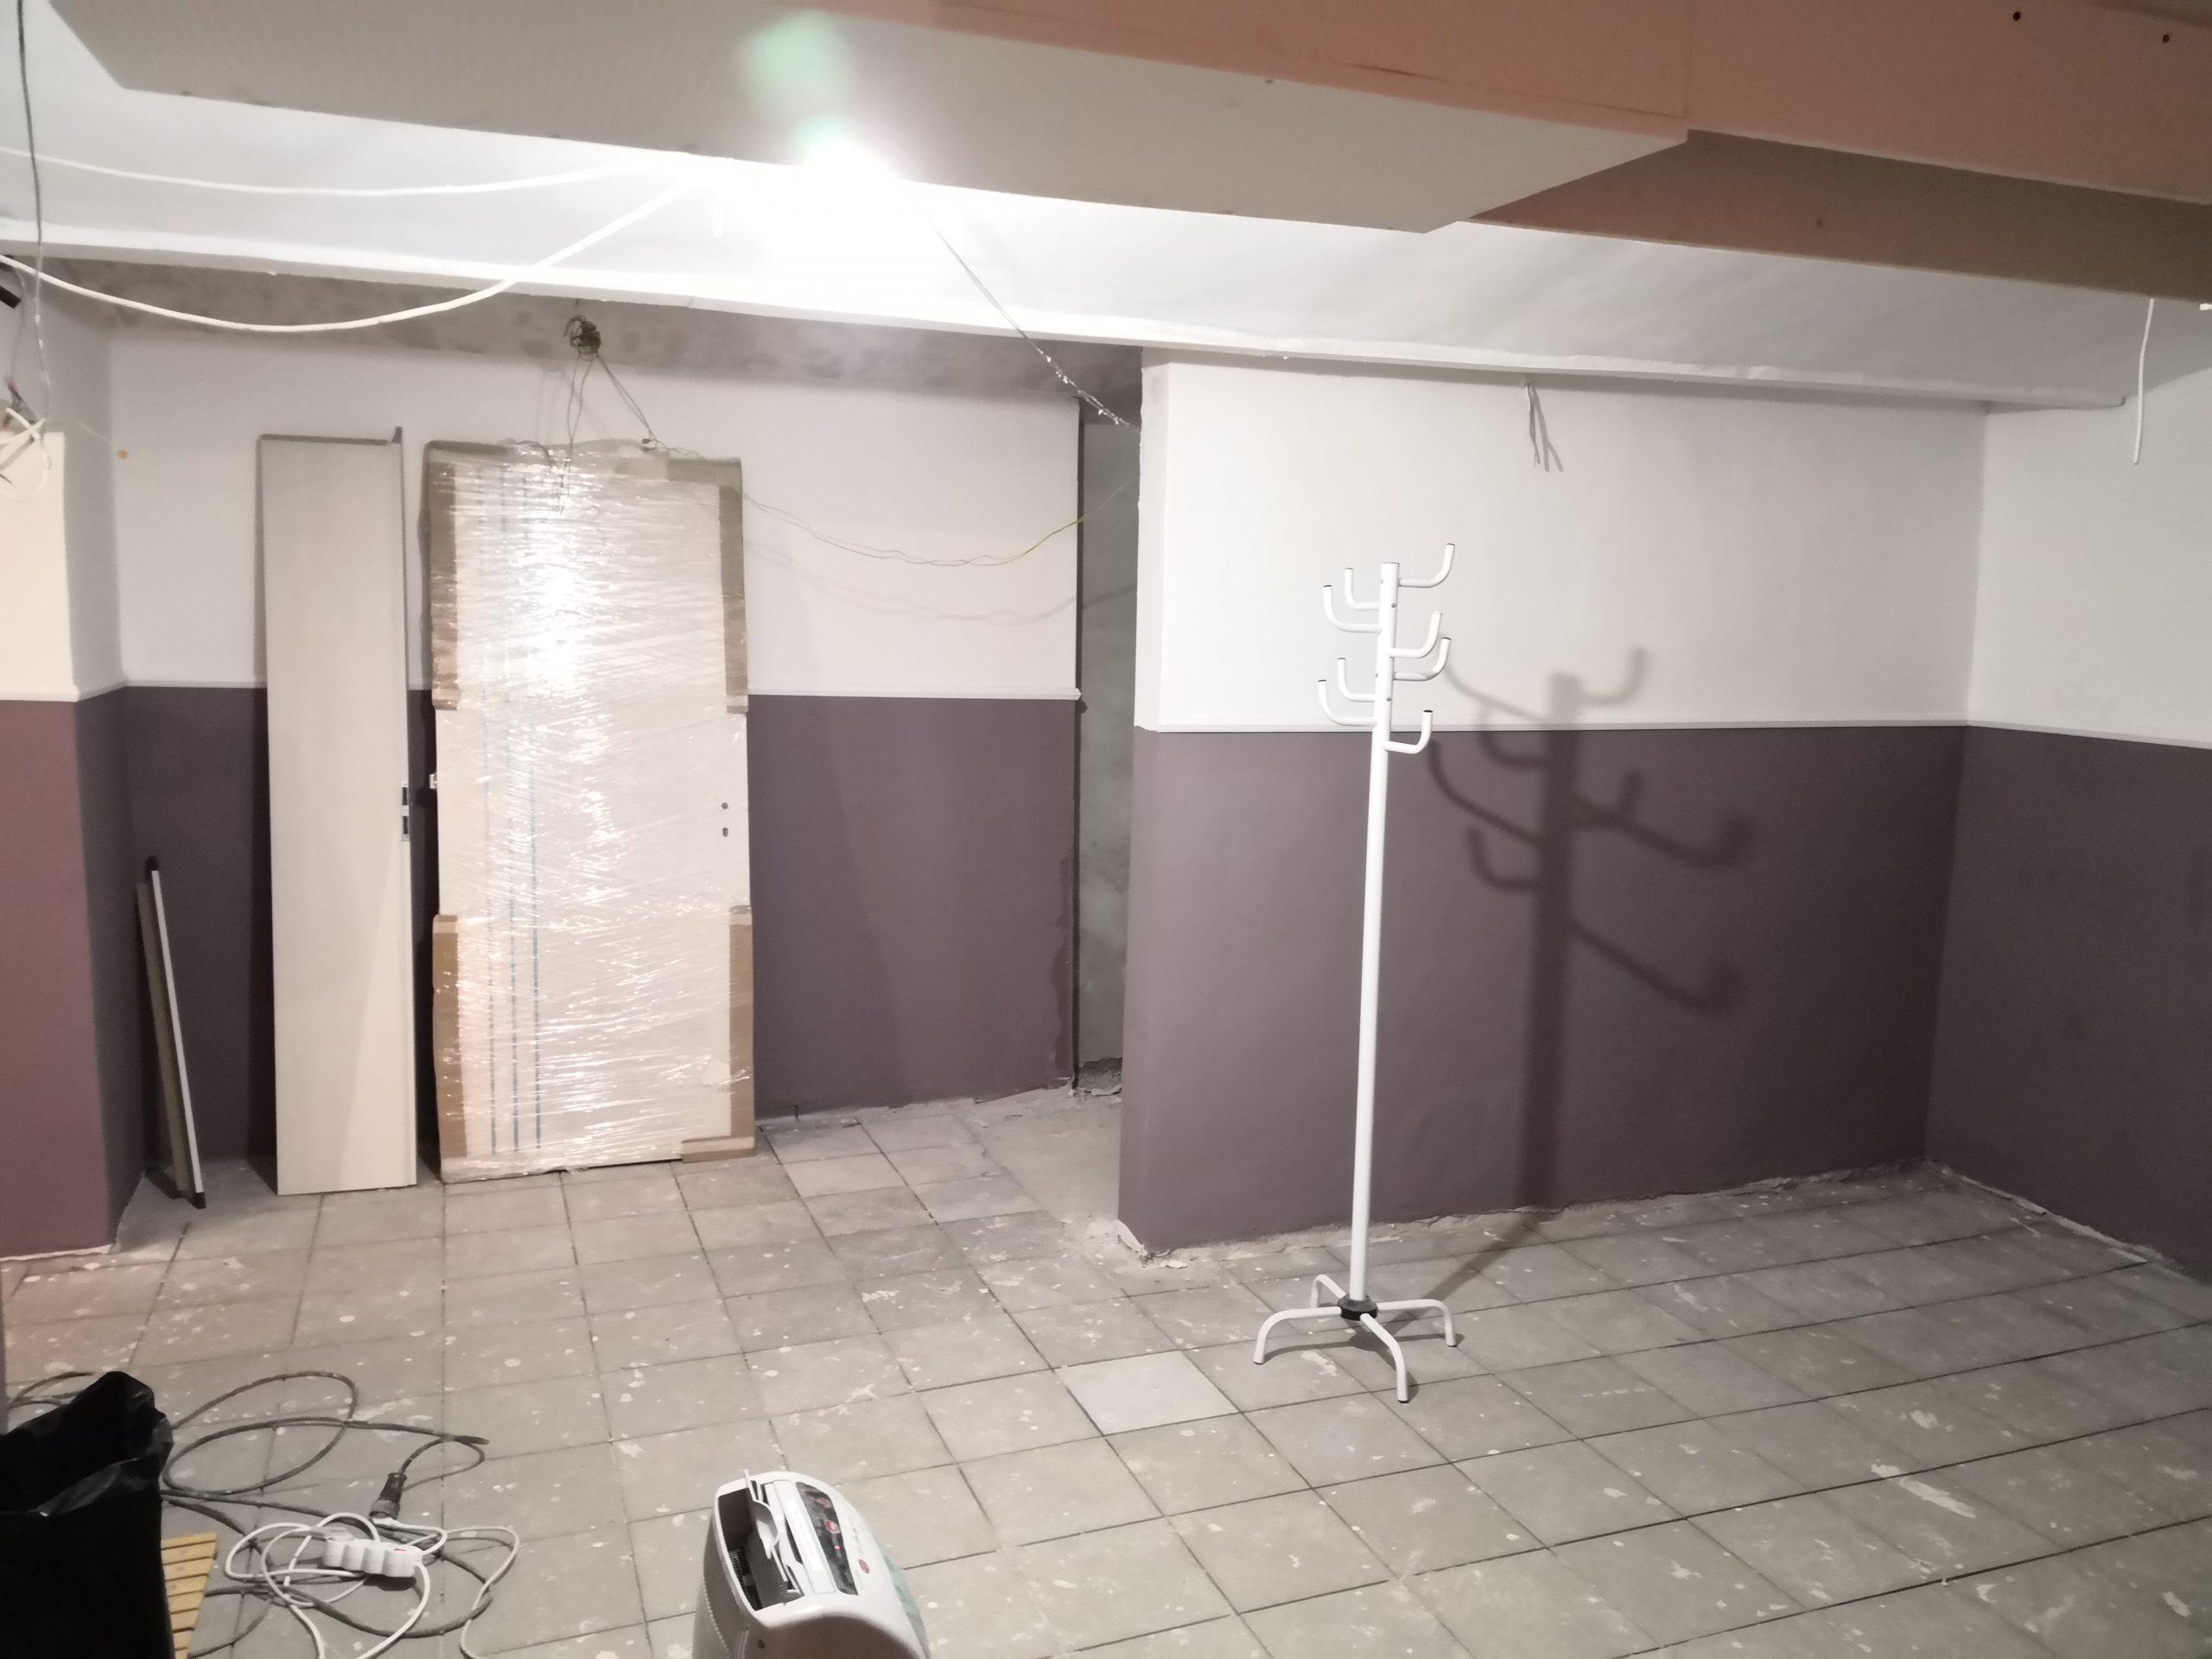 Fogas a fal mellett és egy letakart ajtó 1